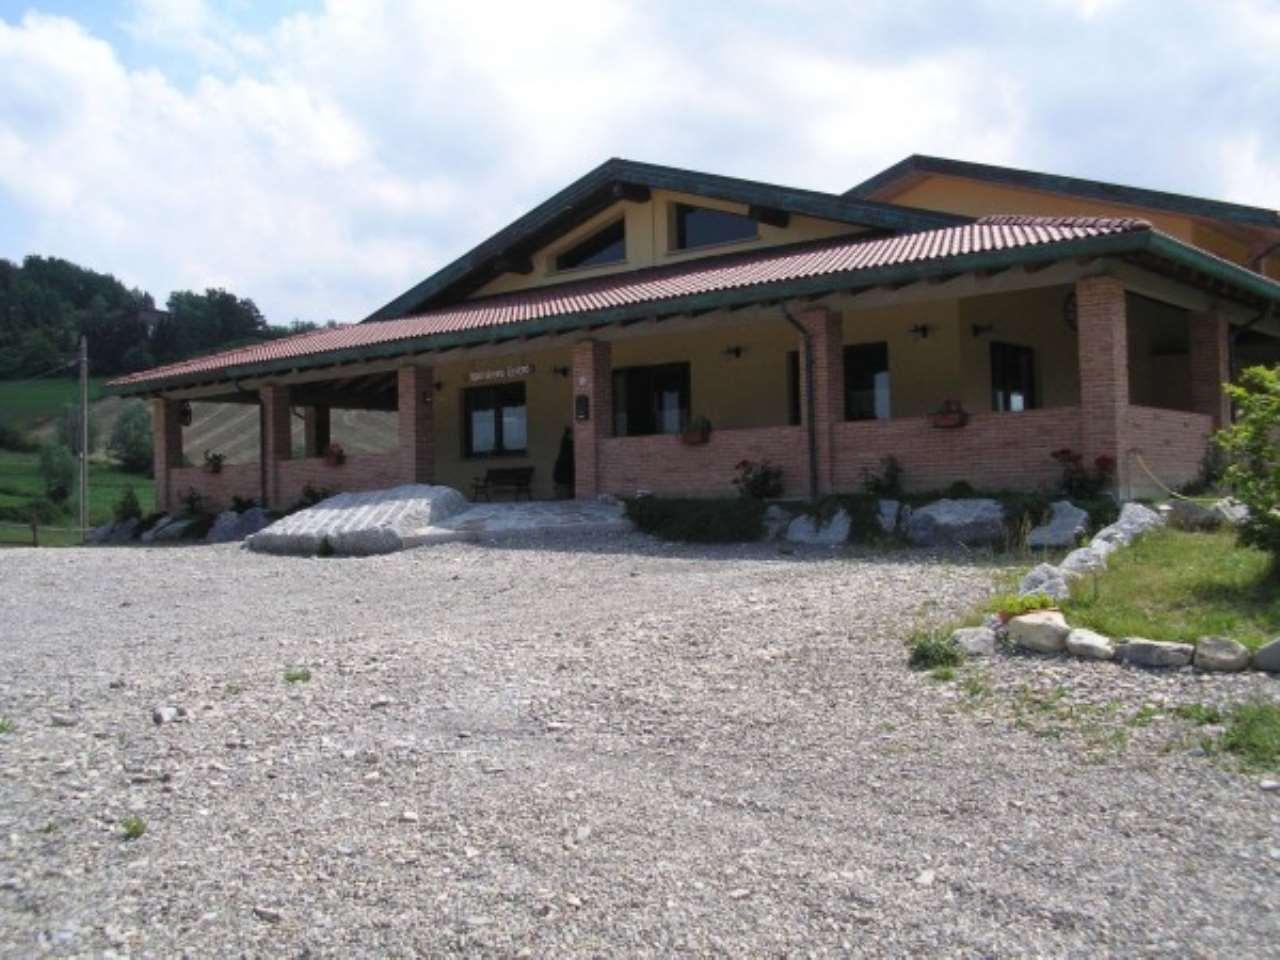 Attività / Licenza in vendita a Cantalupo Ligure, 6 locali, Trattative riservate | Cambio Casa.it